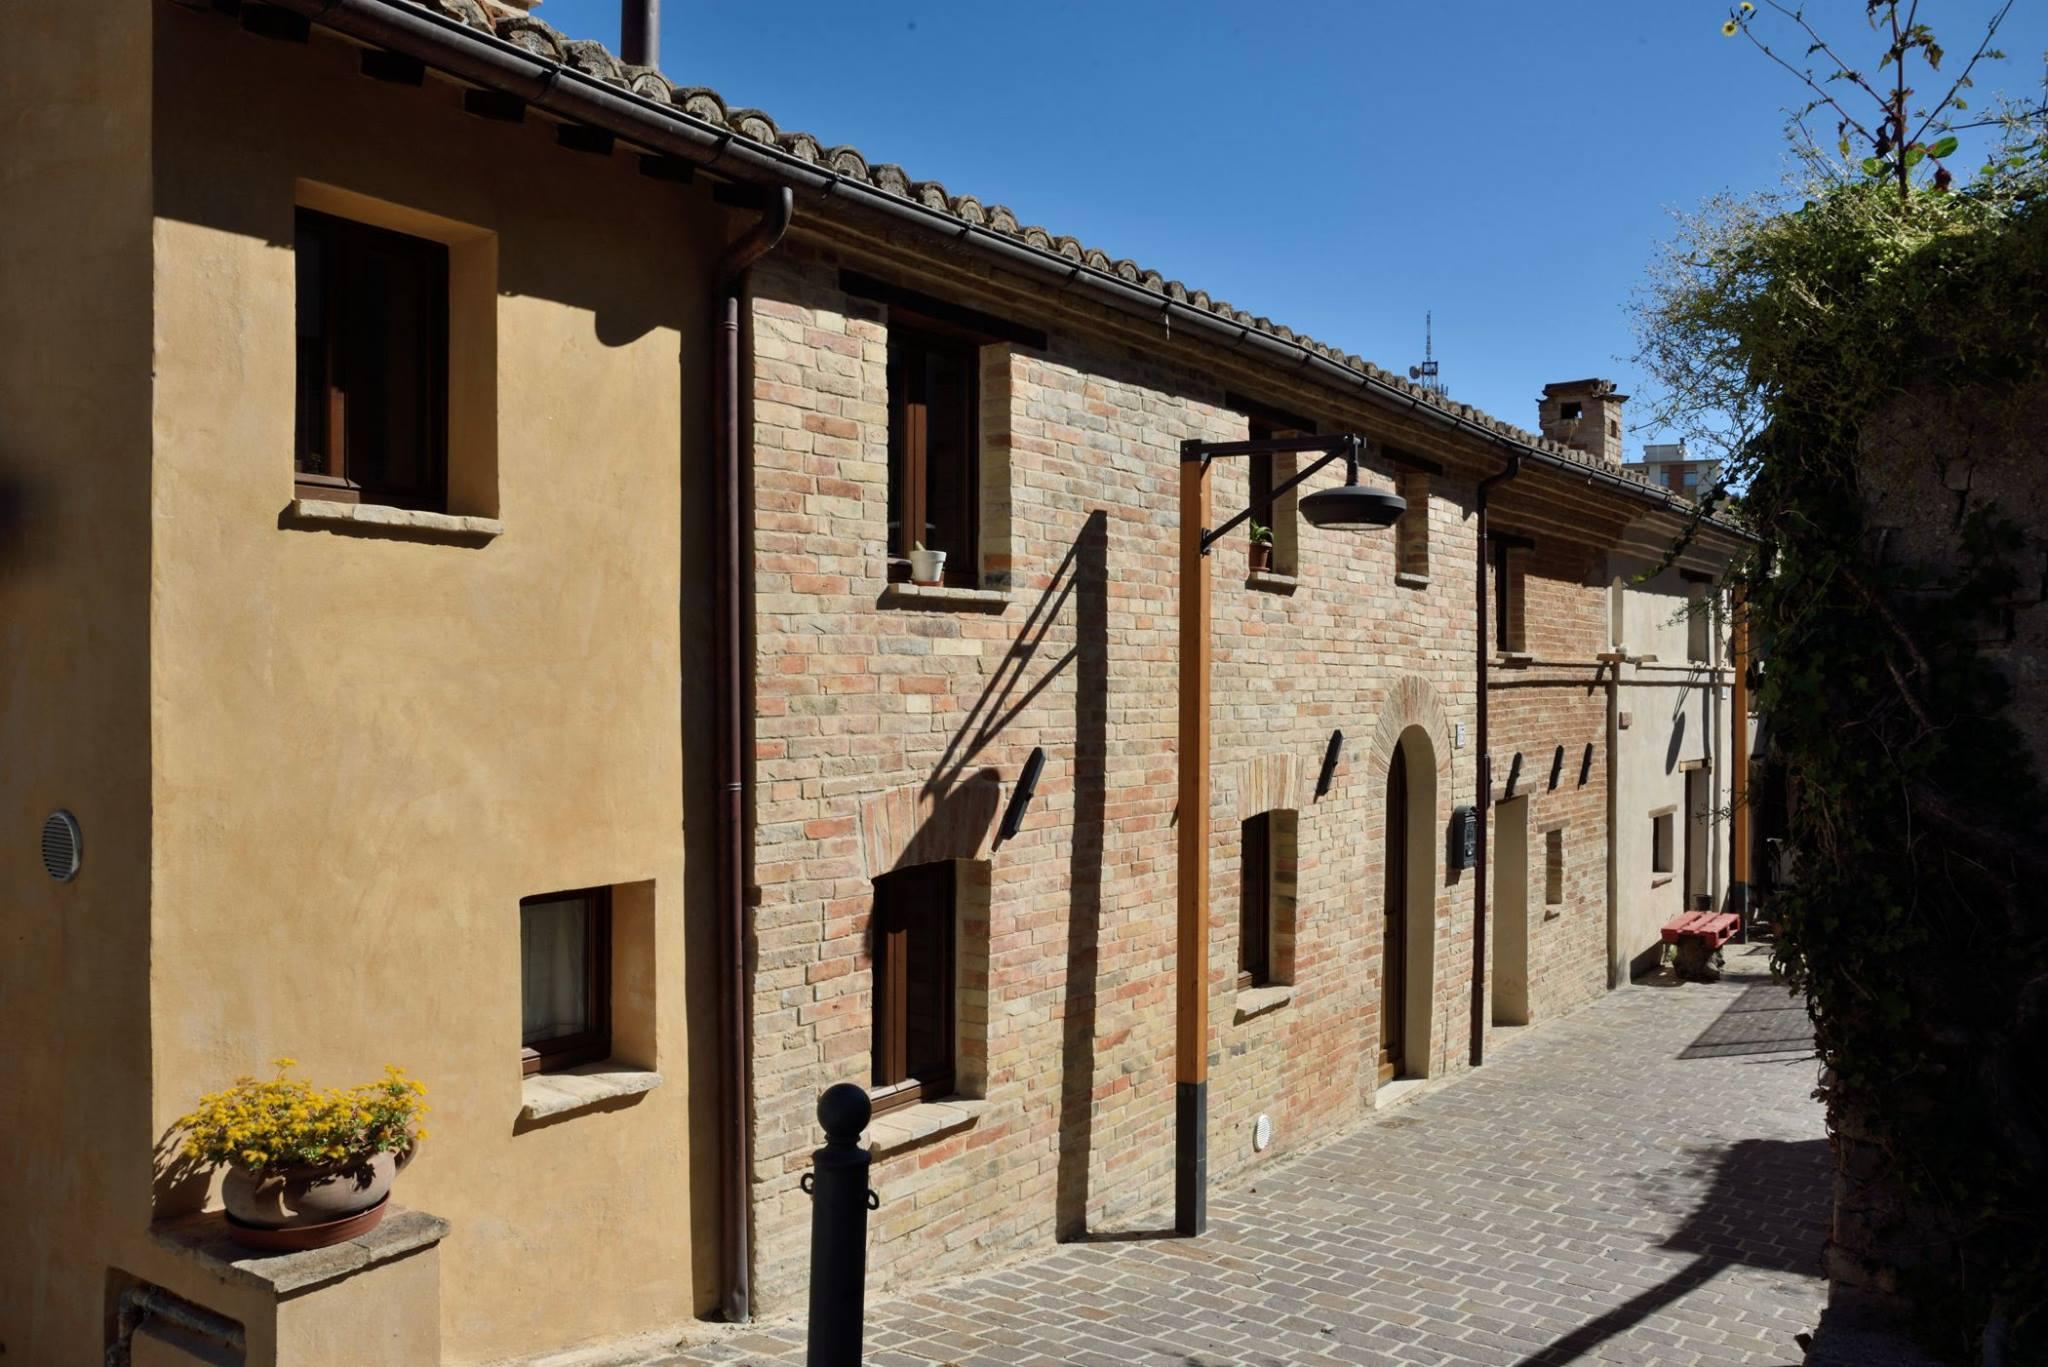 L'Ecomuseo di Villa Ficana protagonista del Grand Tour Cultura Marche